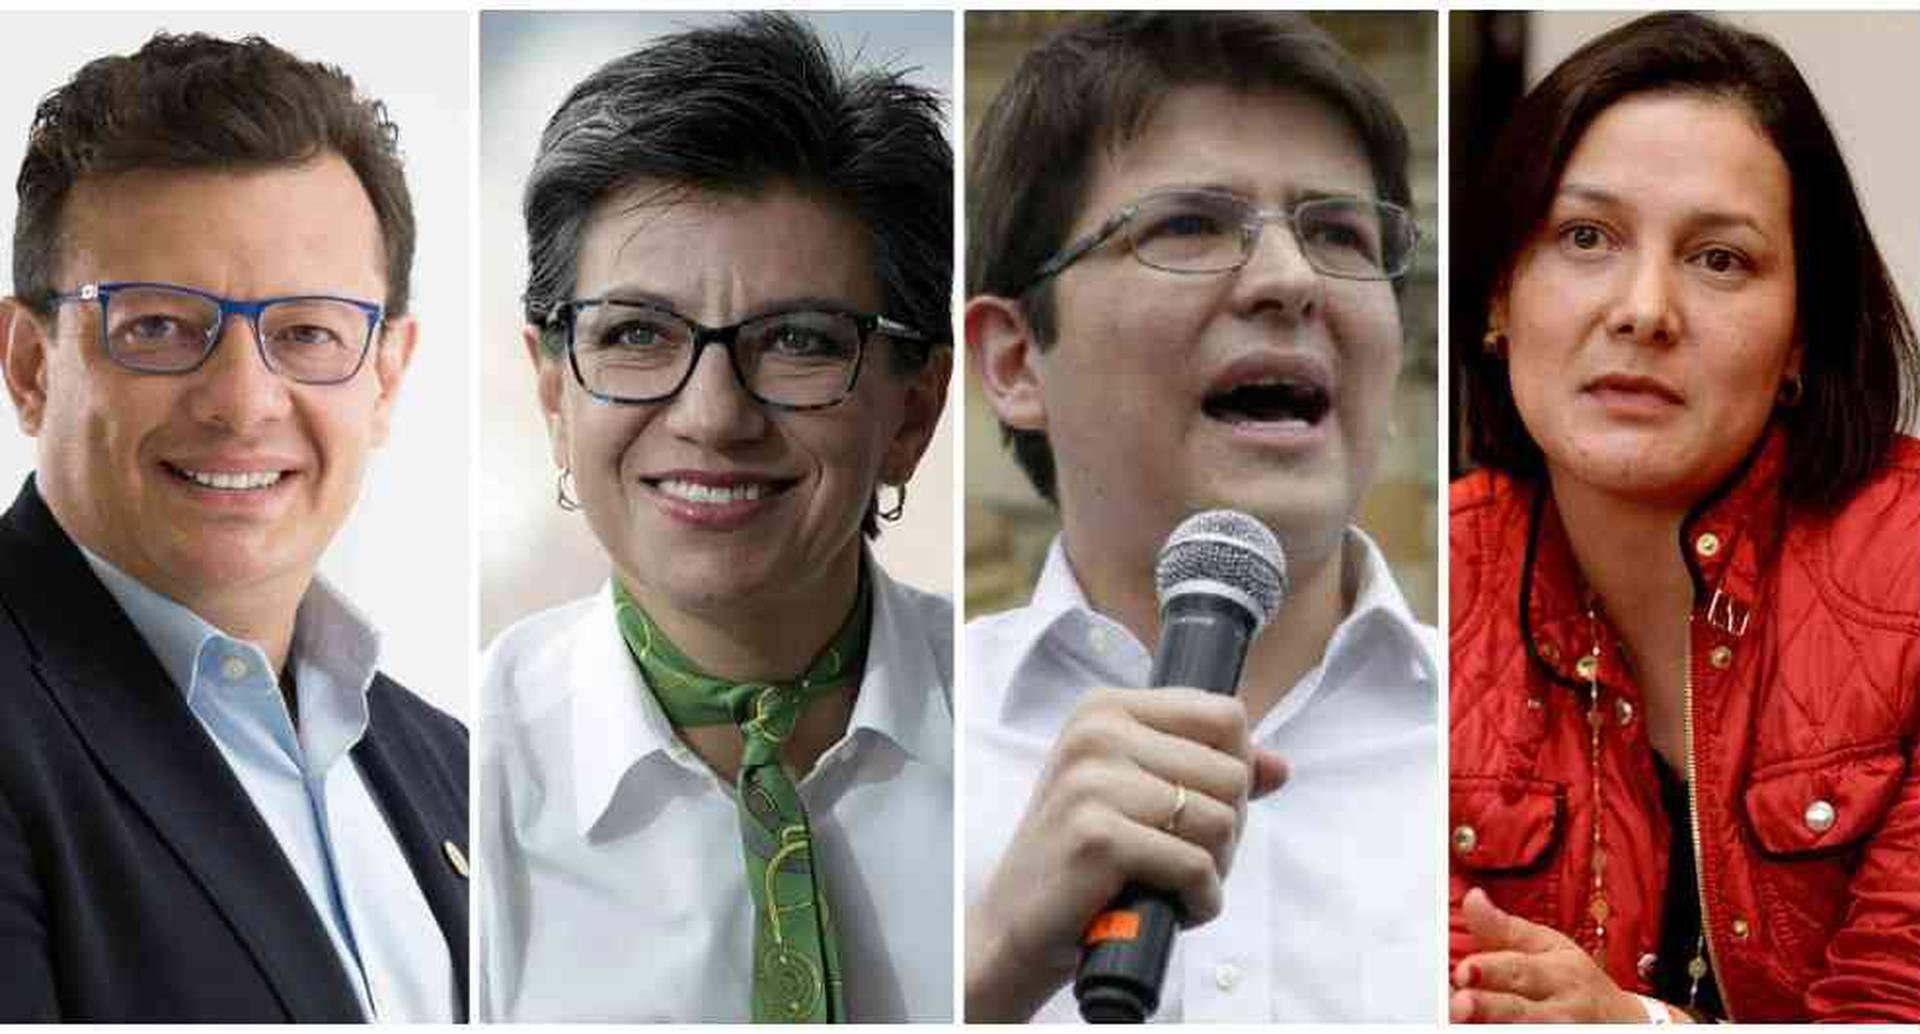 Faltan pocos días para inscribir las candidaturas a la Alcaldía de Bogotá y todavía no han llegado a acuerdos programáticos ni se sabe quién representará a la izquierda o a la derecha.